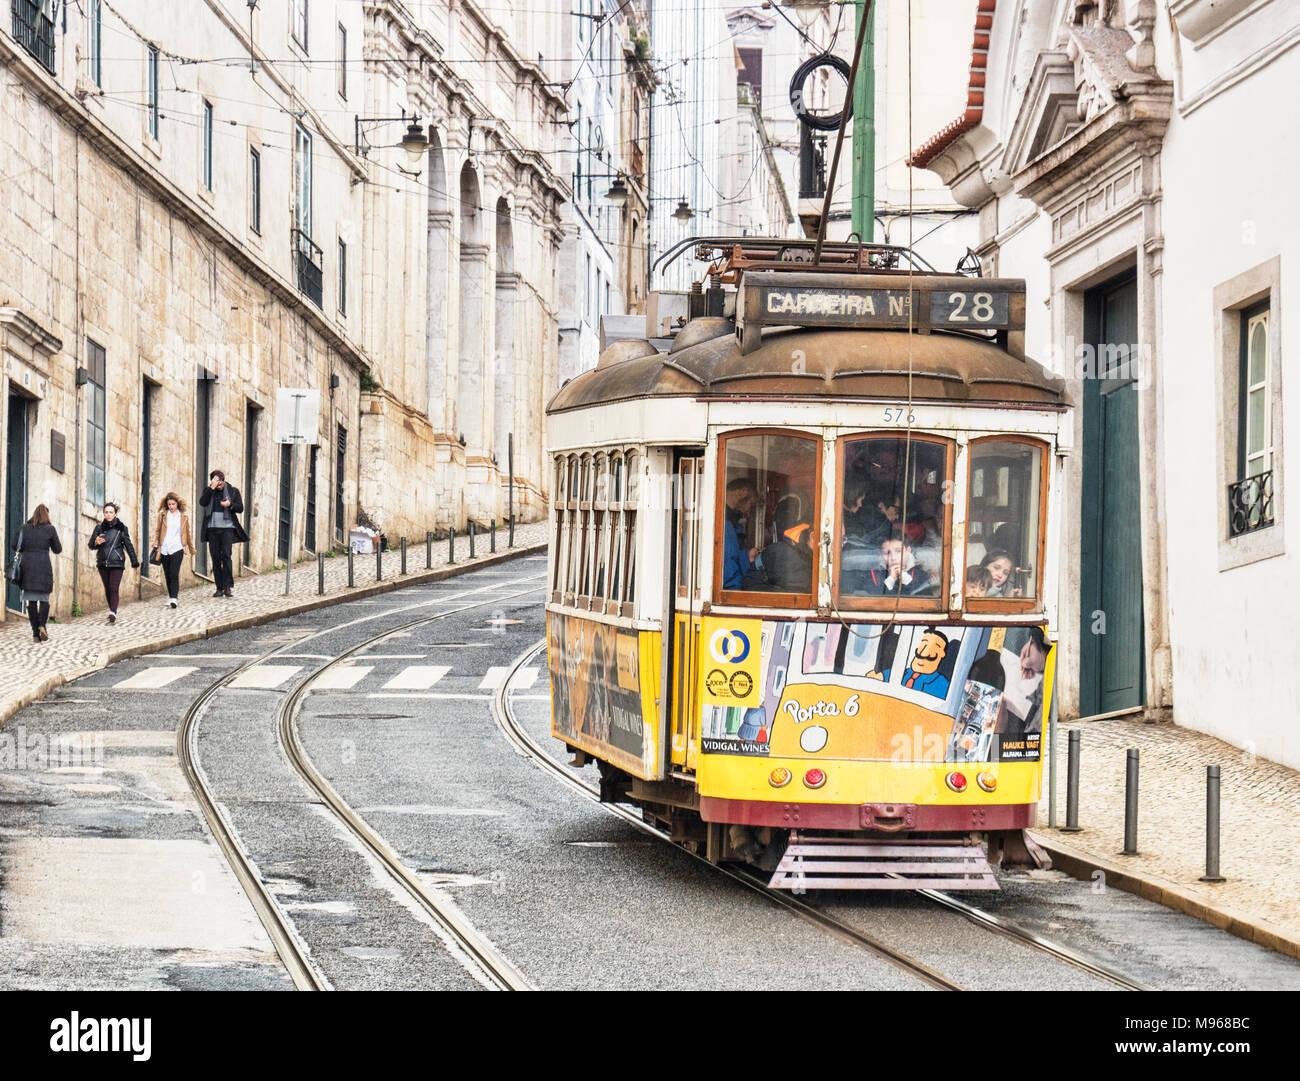 6 Marzo 2018: famosa attrazione turistica, tram 28, il suo percorso nella Città Vecchia. Immagini Stock